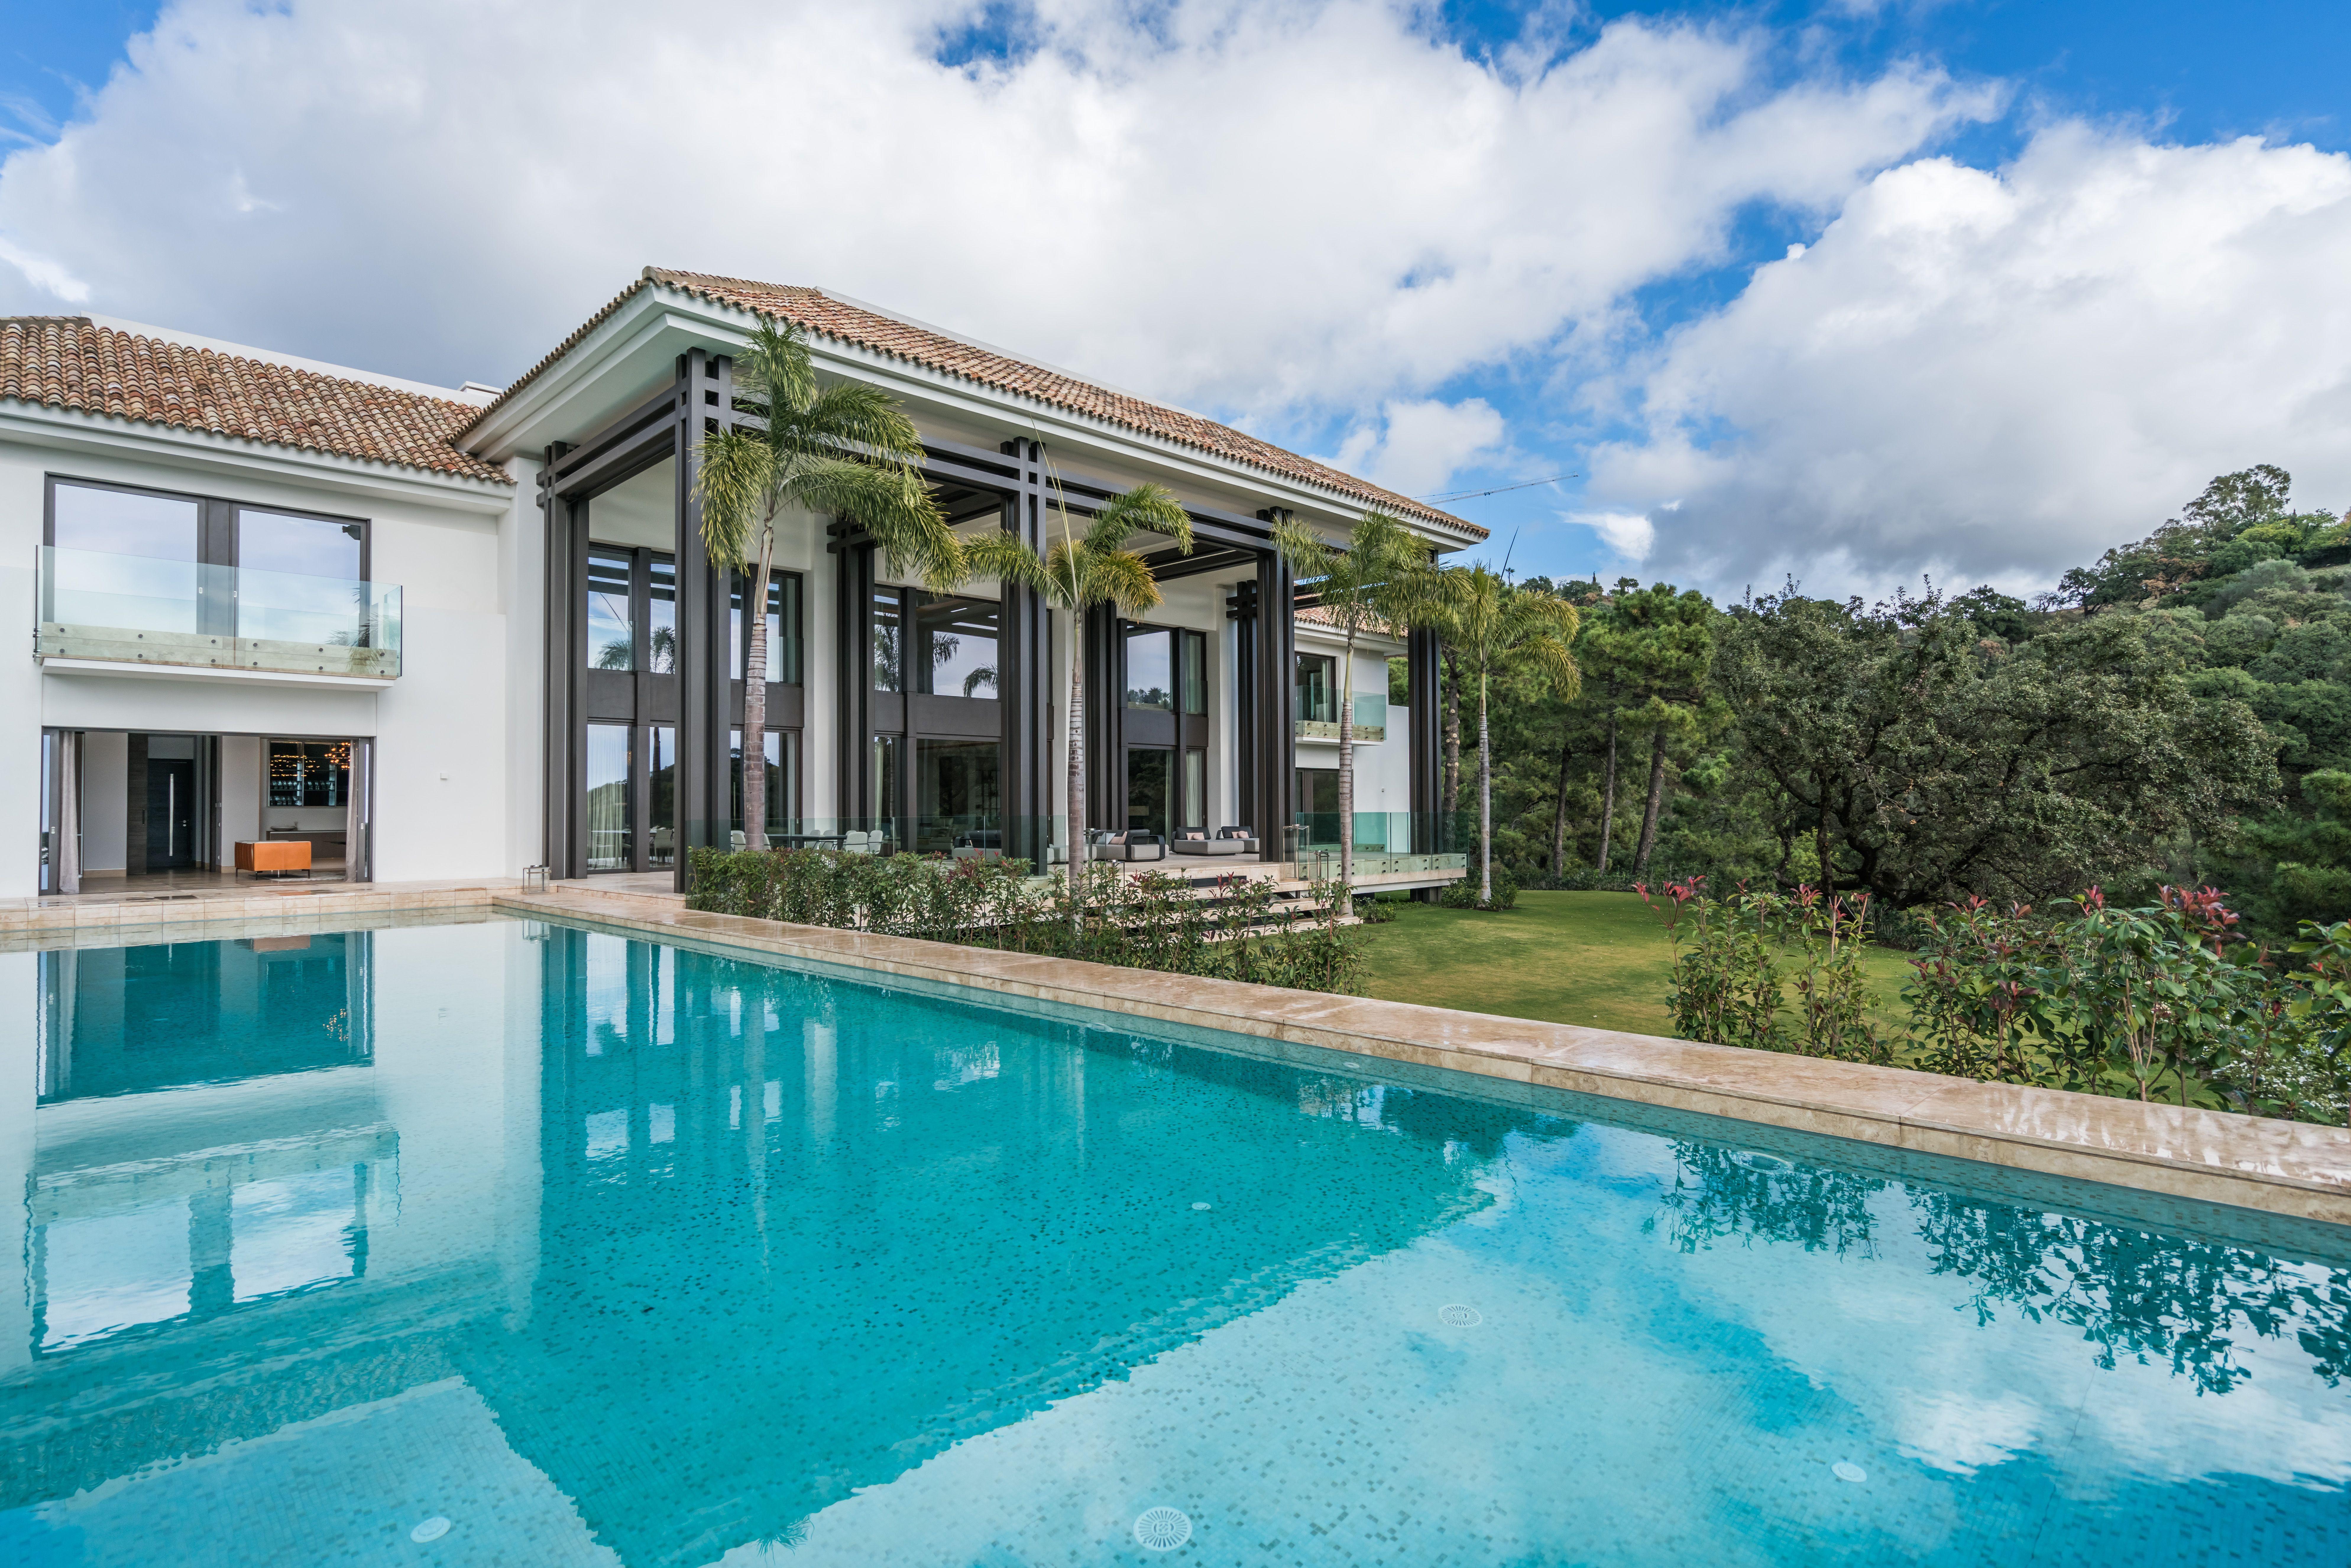 Luxury Home Design Exterior Marbella Villa Real Estate For Sale ...